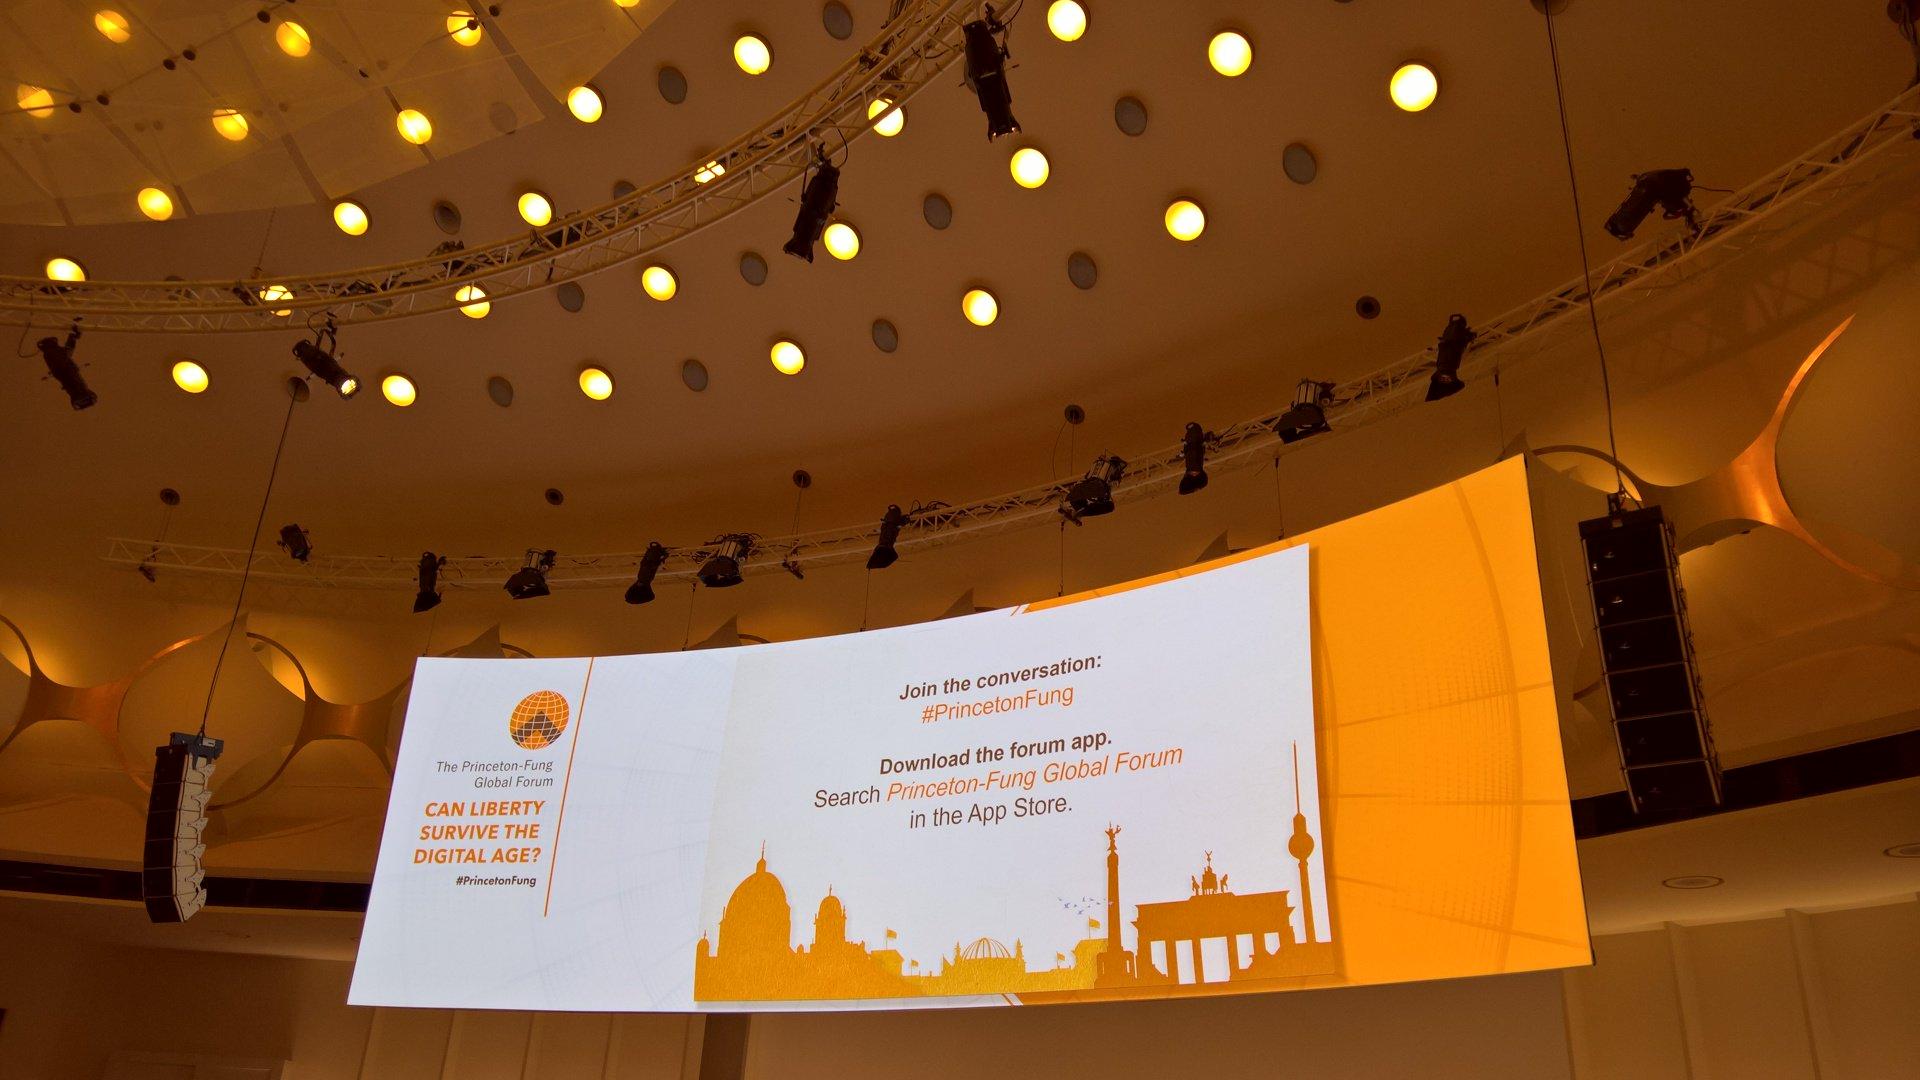 Princeton Fung Global Forum wit @BradSmi this morning! #PrincetonFung https://t.co/esaiu8yEdN